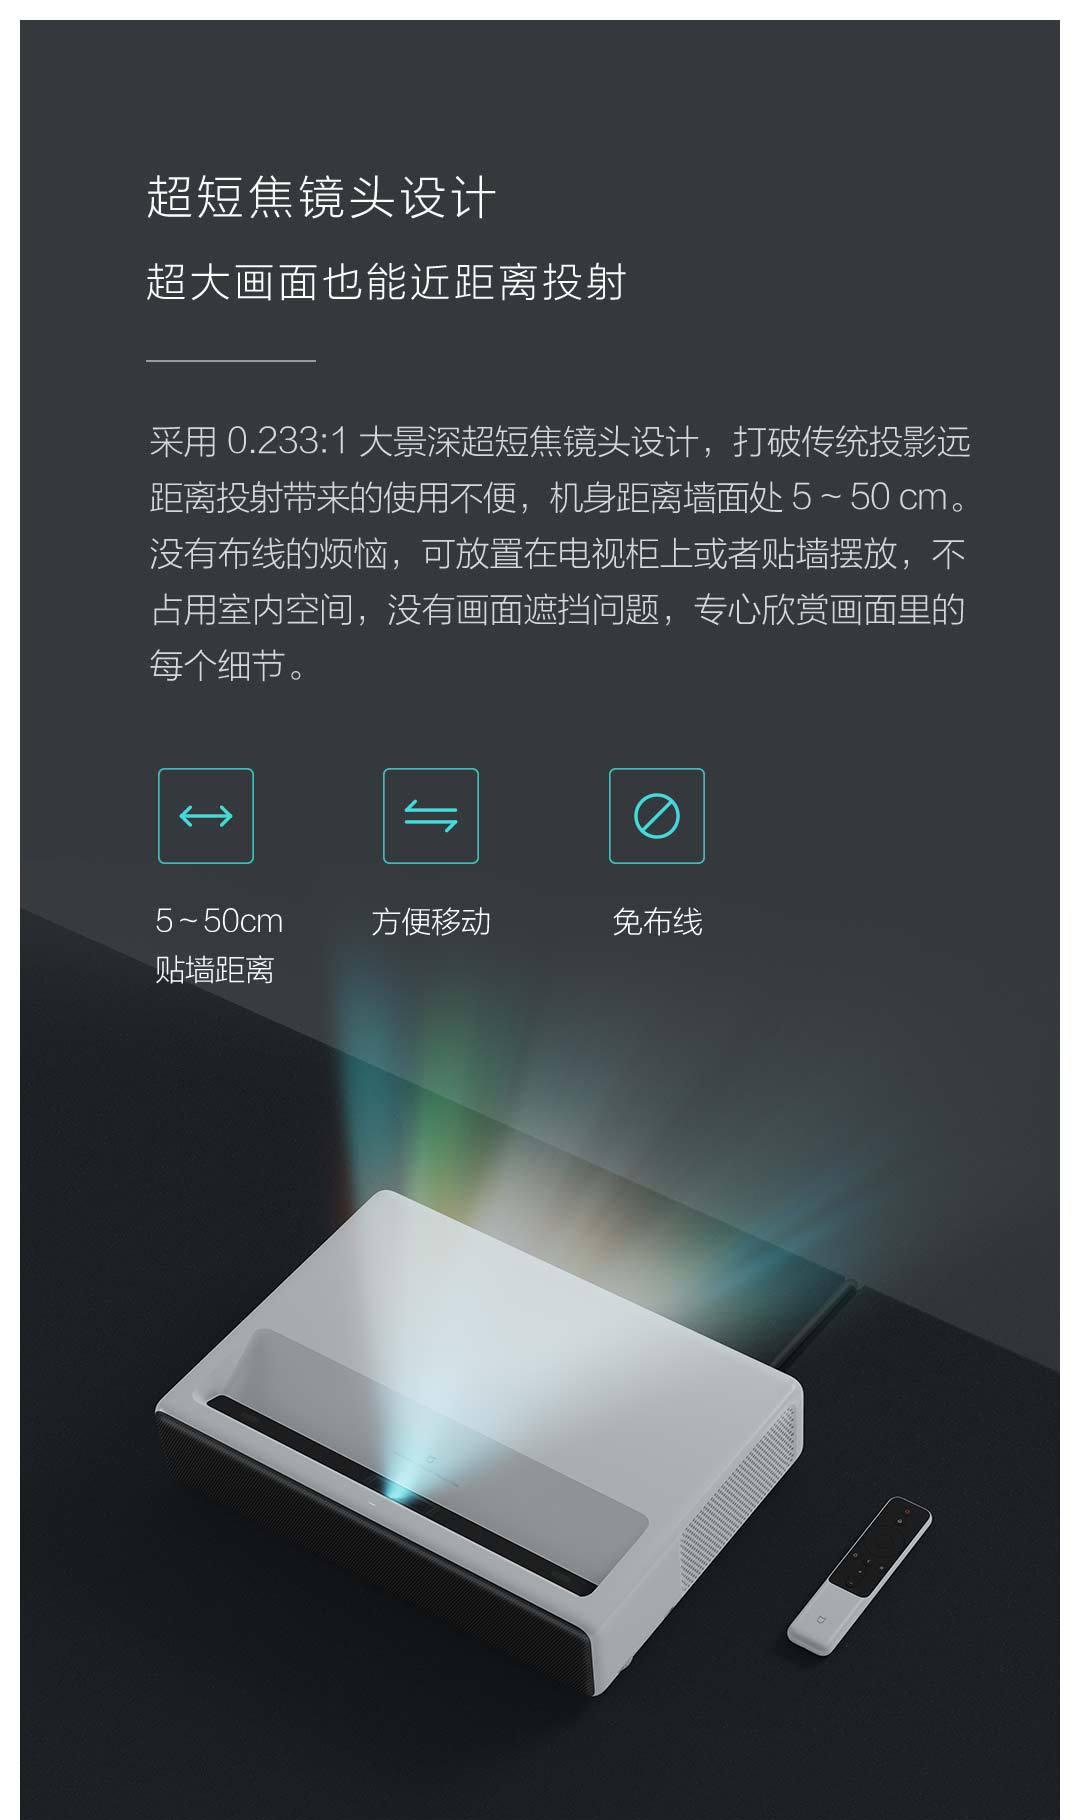 重庆电视维修